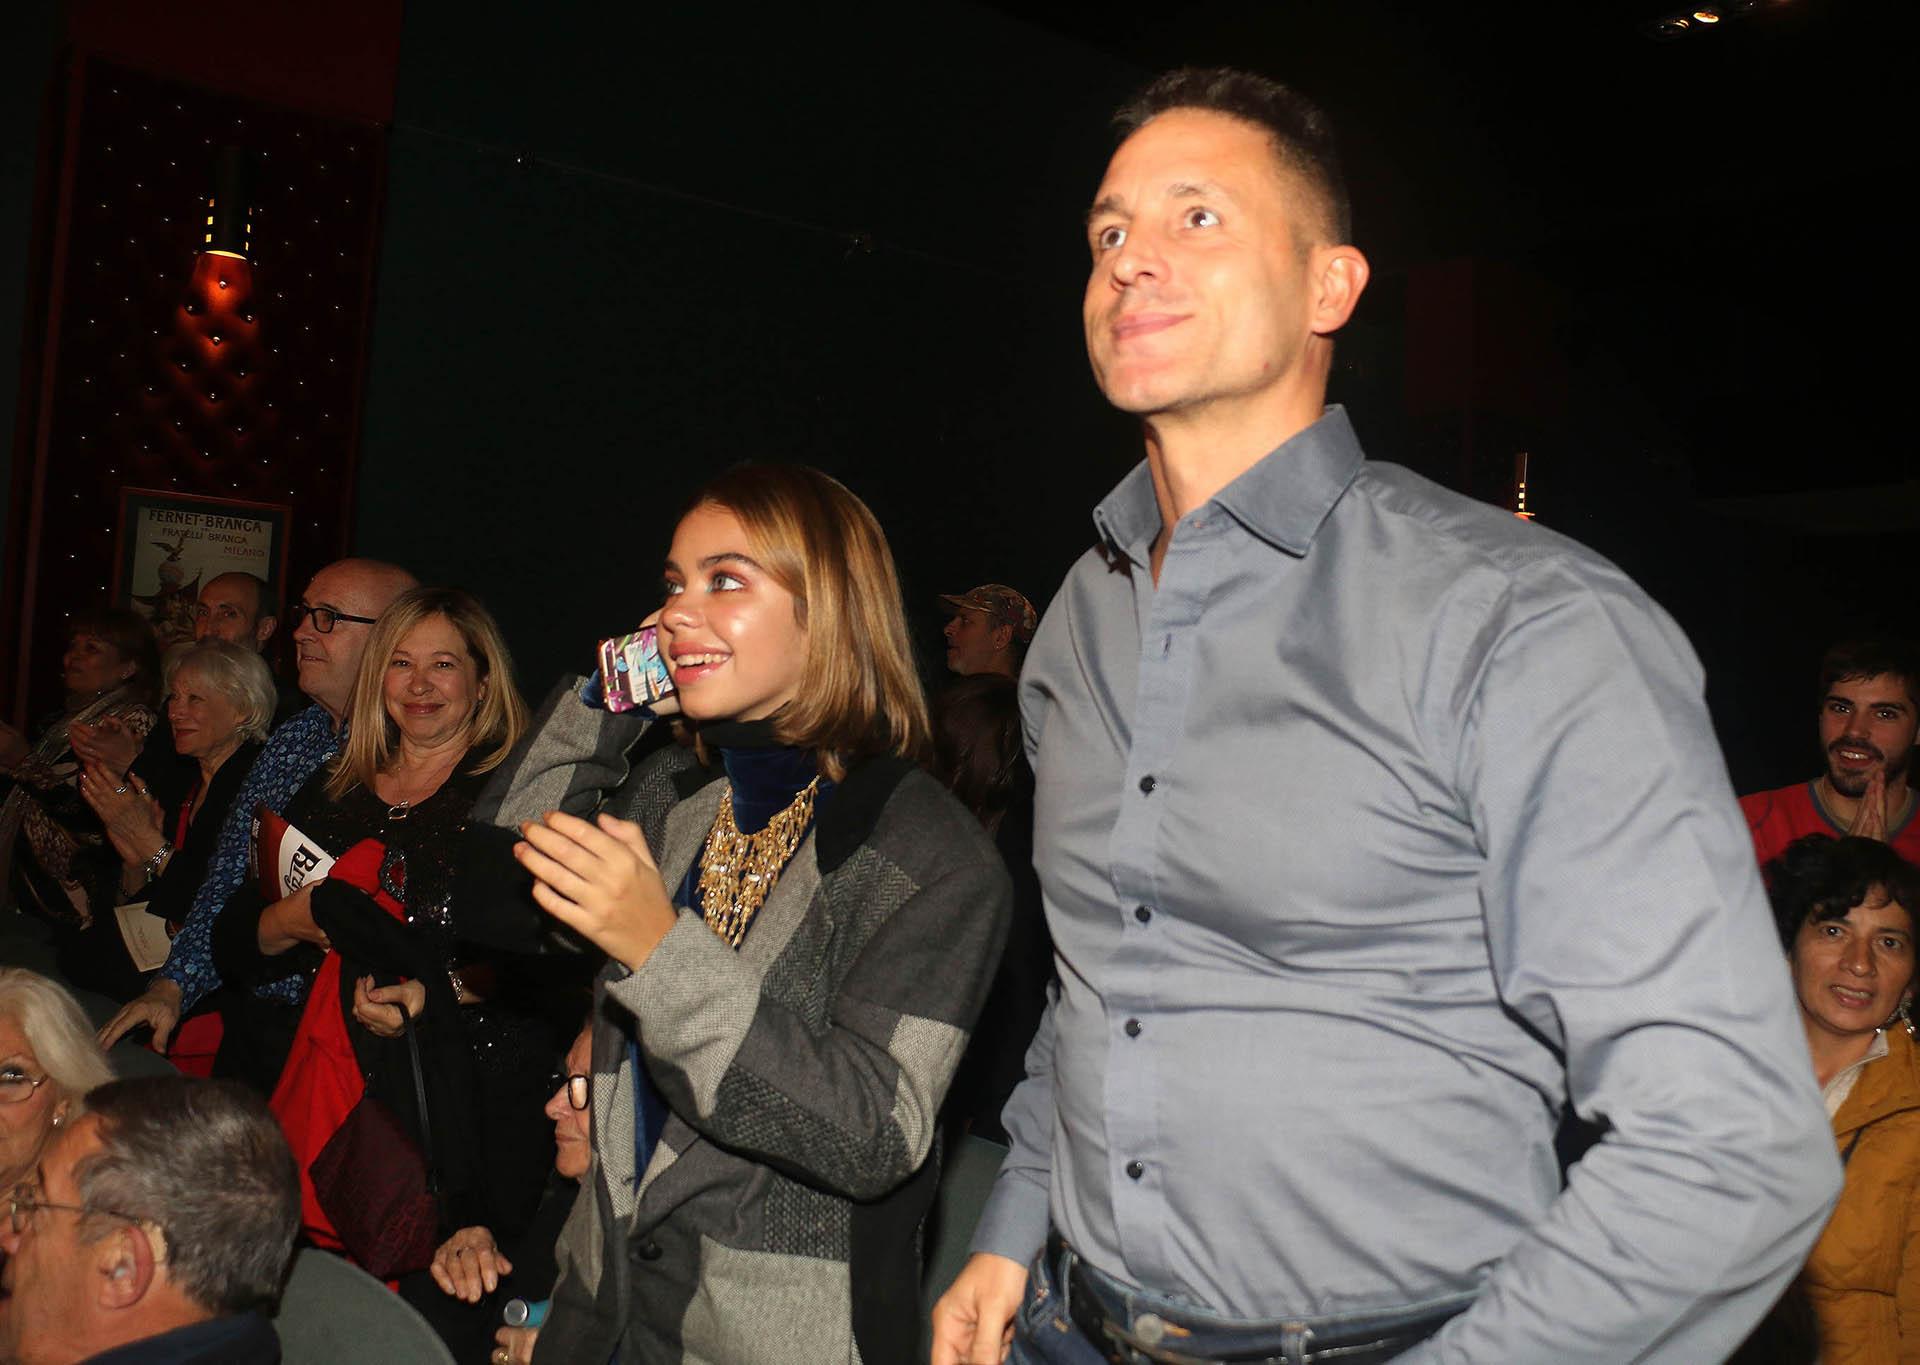 En medio de rumores de romance, el abogado de la actriz, Juan Pablo Fioribello, también aplaudió a Andrea del Boca desde la platea, sentado al lado de la familia de ella